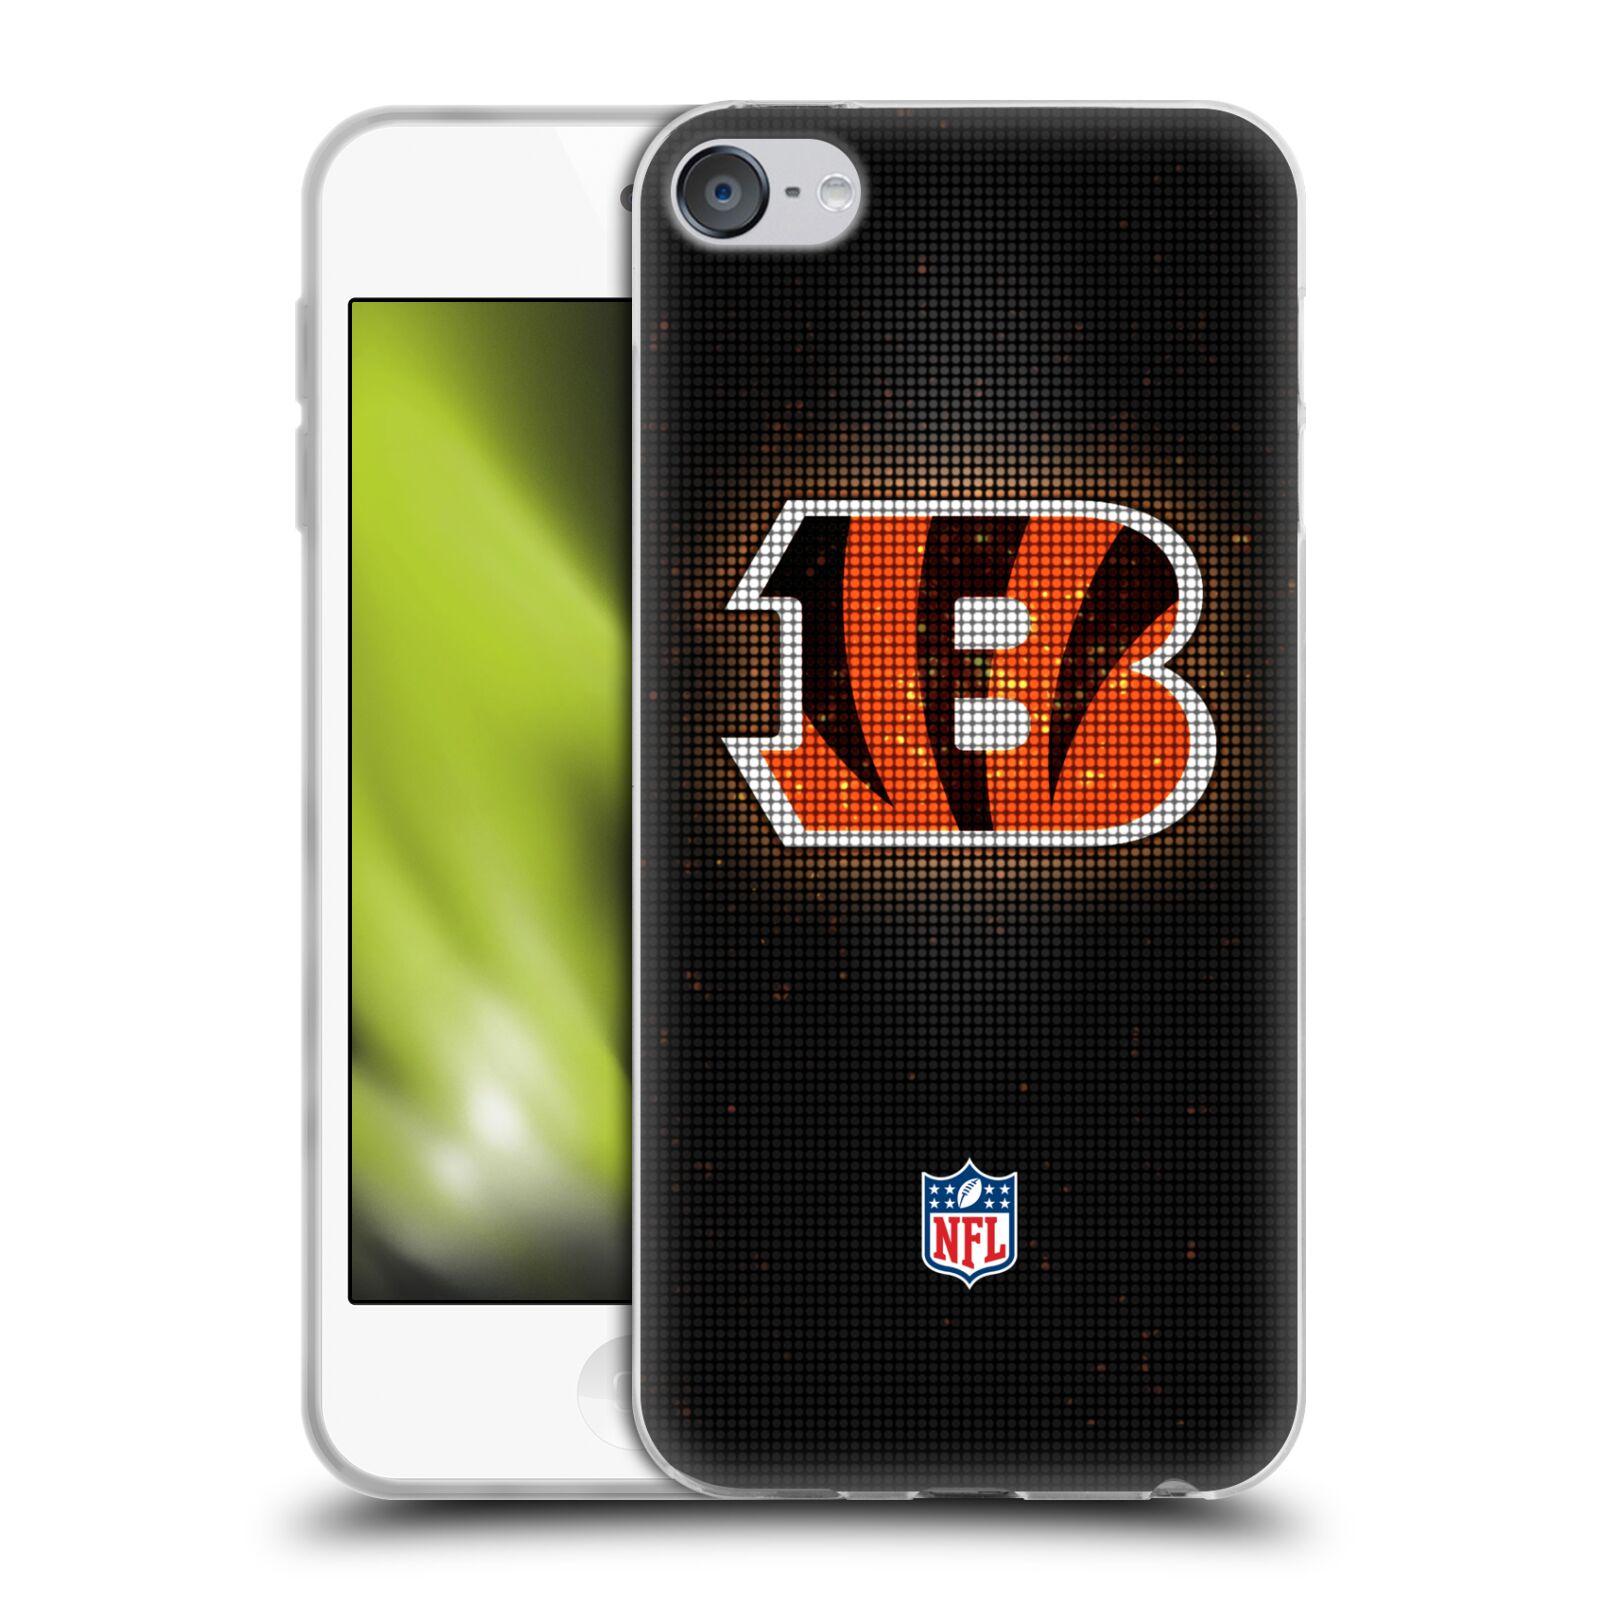 オフィシャル NFL アウトレット☆送料無料 Cincinnati Bengals Artwork ソフトジェルケース MP3 Touch ☆国内最安値に挑戦☆ iPod Apple